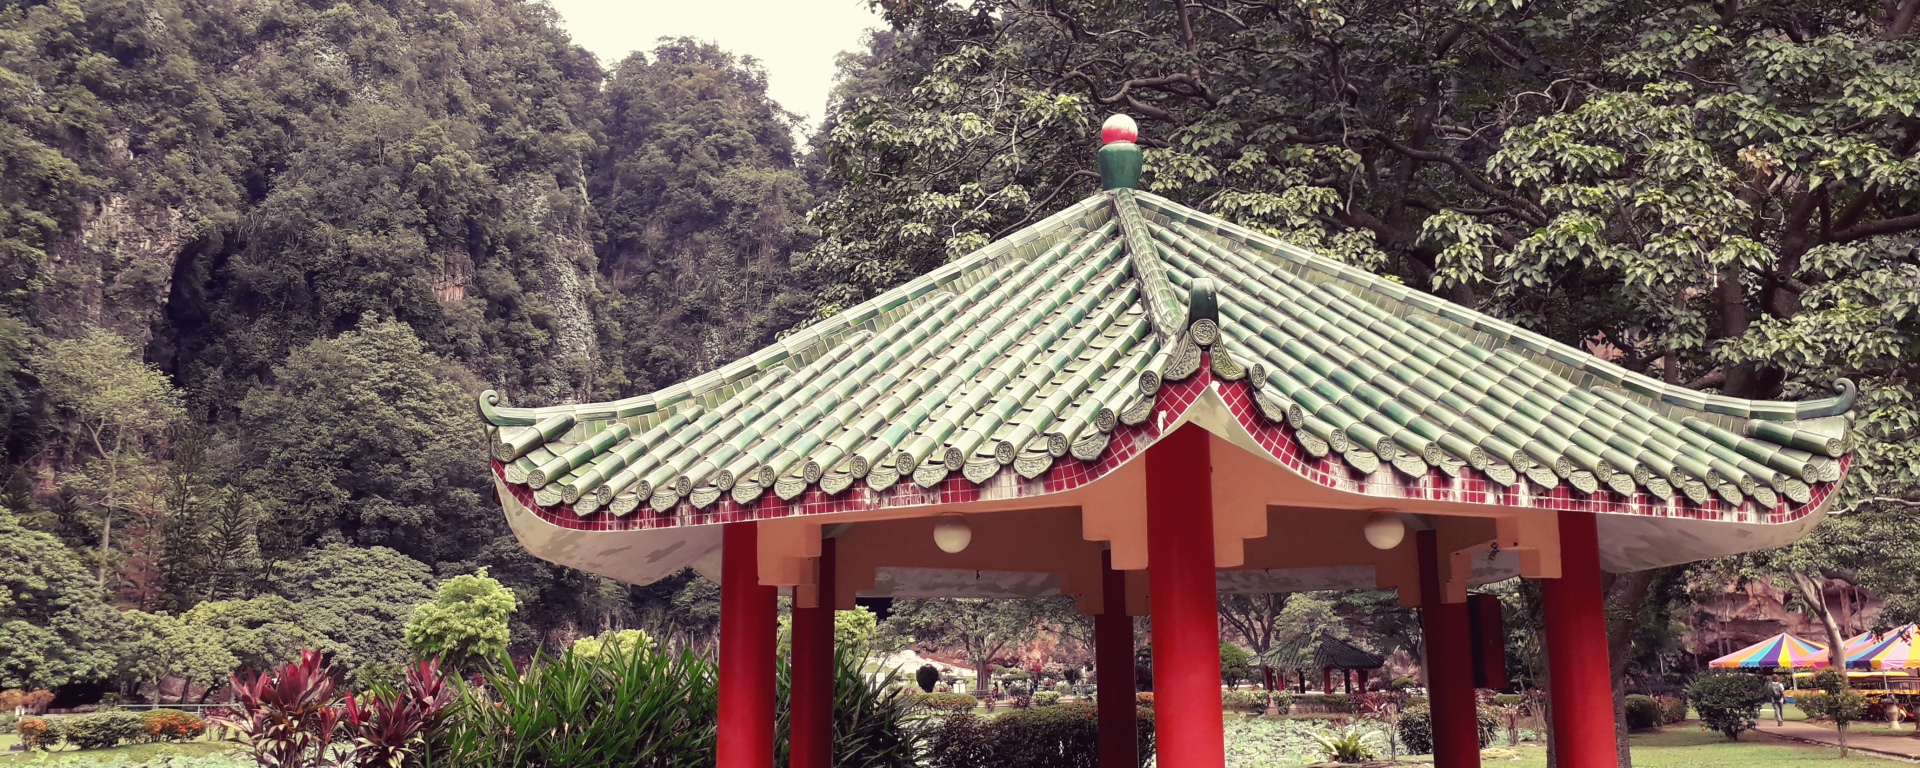 Kek Long Tong